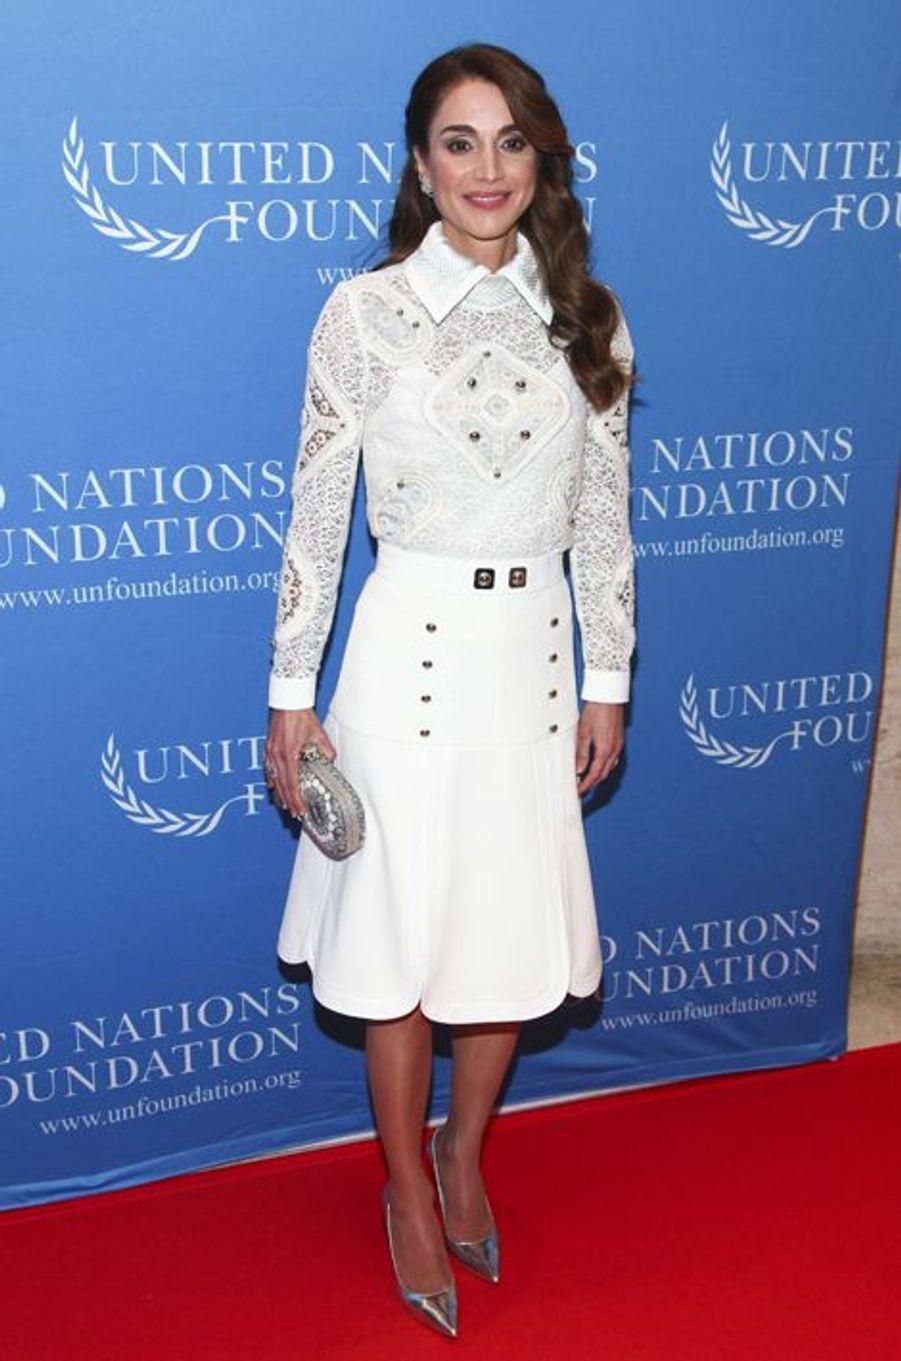 La reine Rania de Jordanie à la soirée de la Fondation des Unies à l'hôtel Four Seasons de New York vendredi dernier.